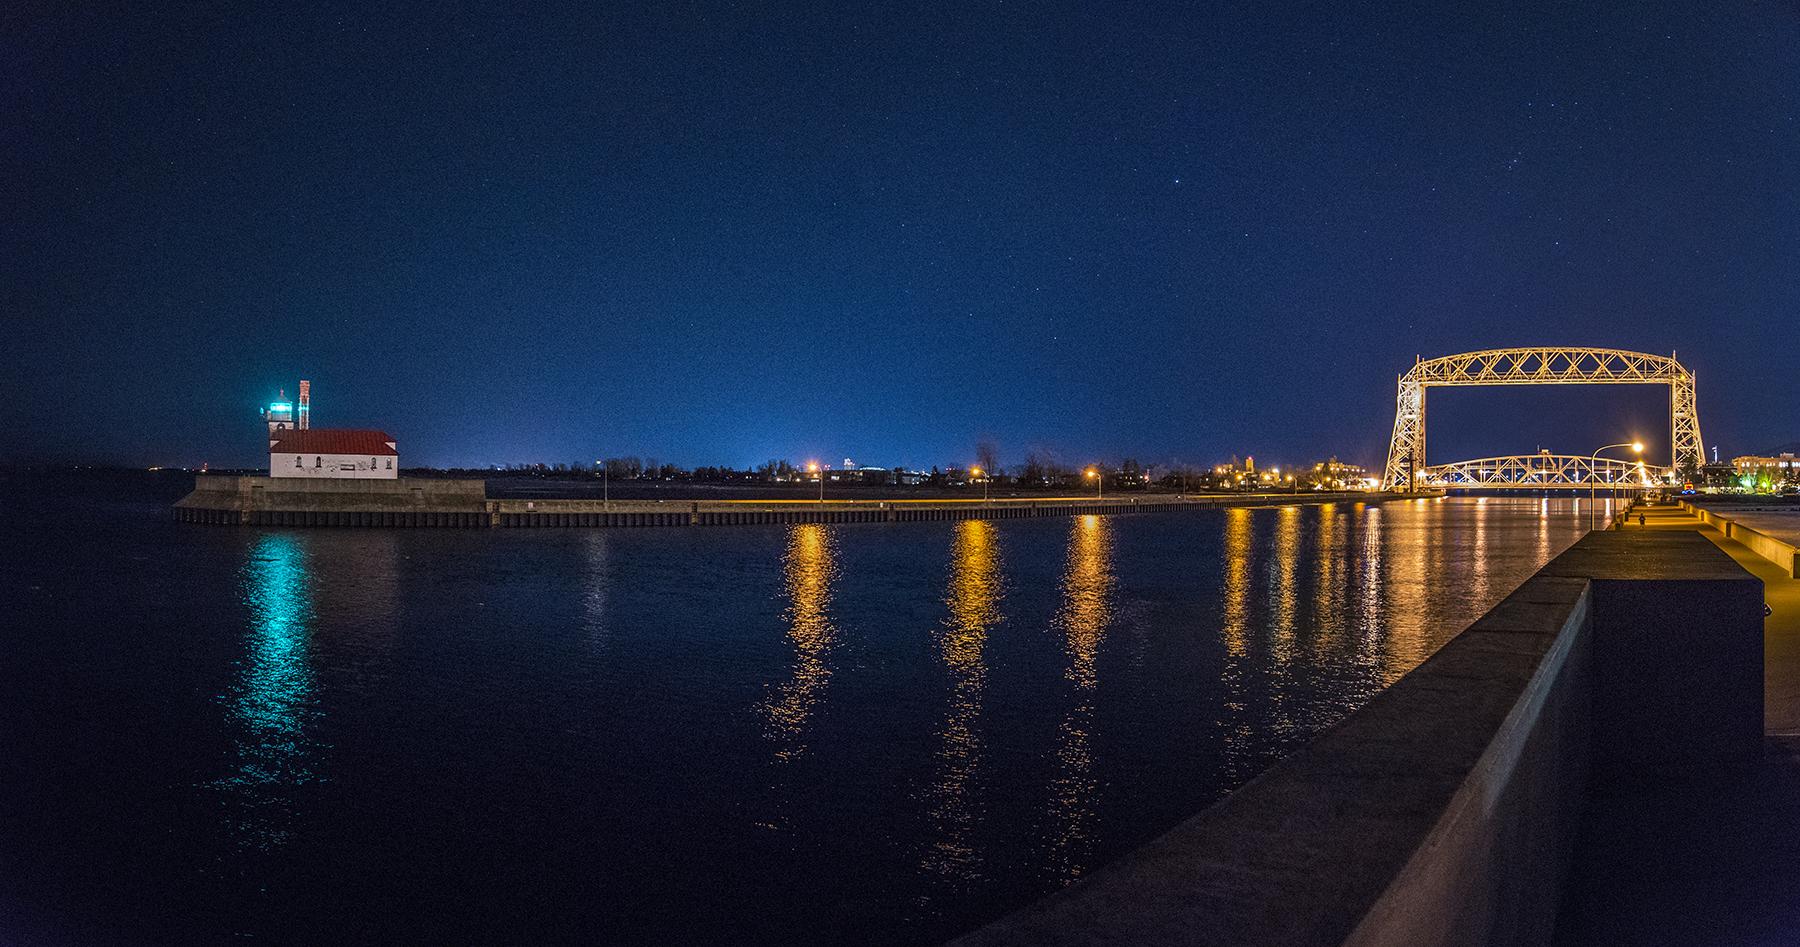 North Pier Duluth, Minnesota, USA